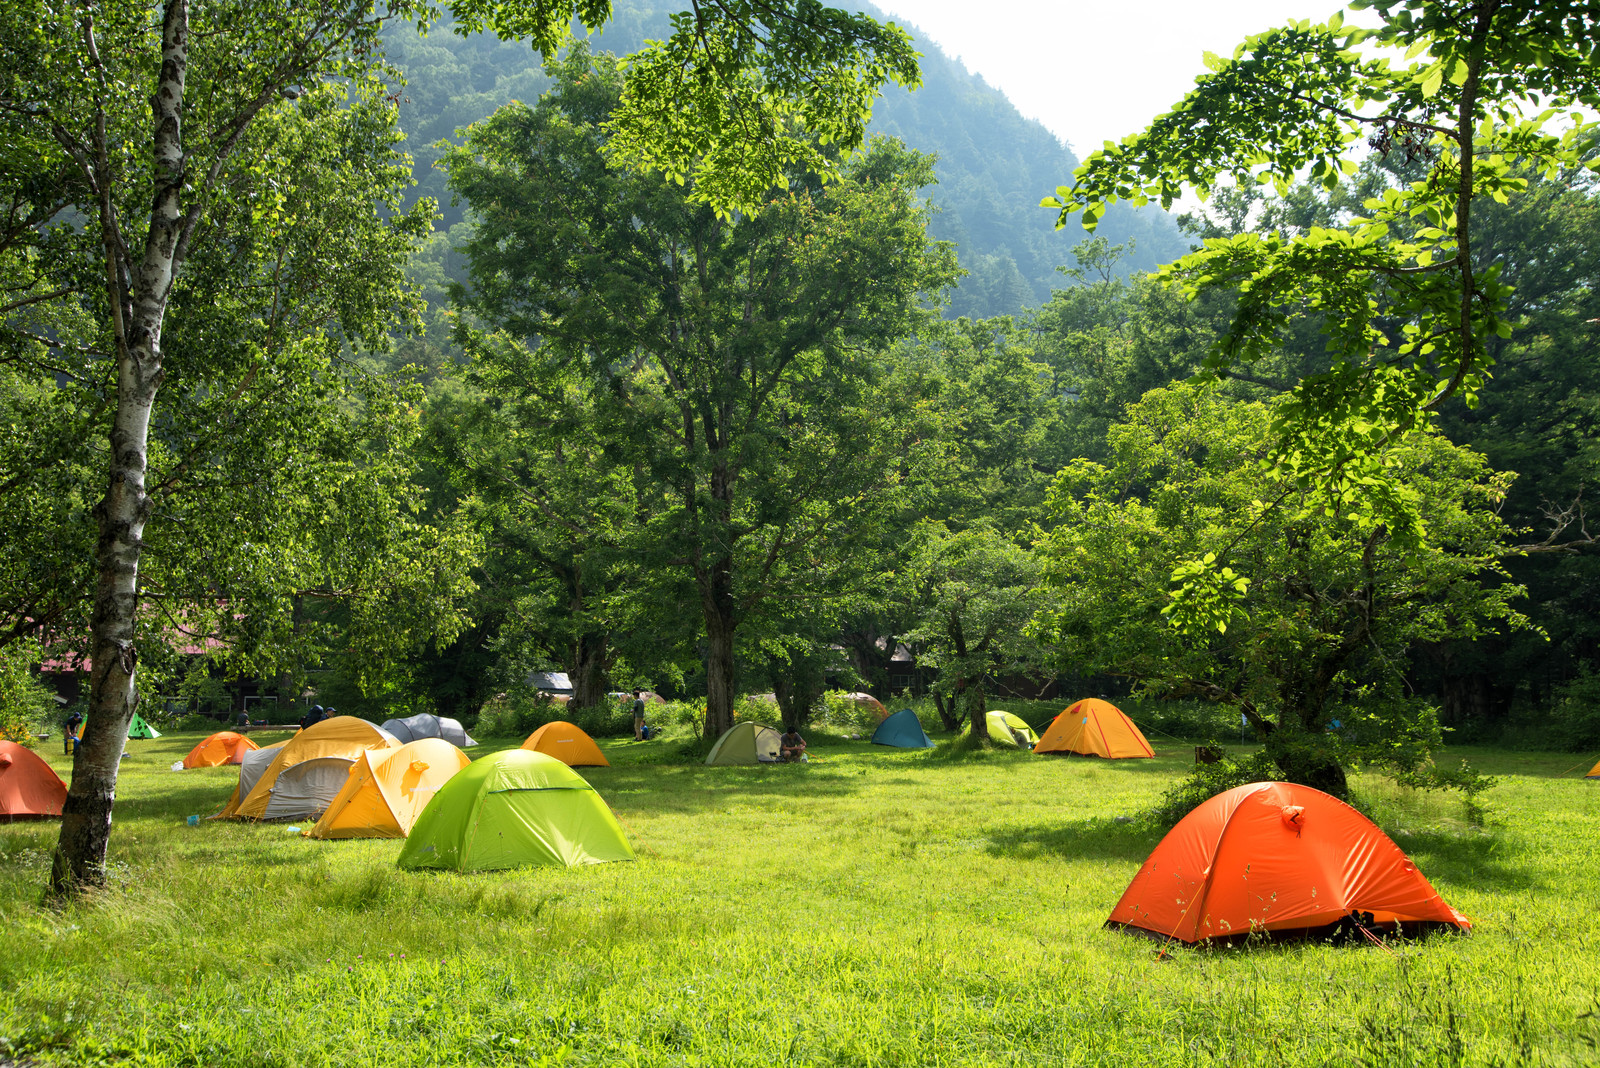 女子のソロキャンプの注意点は?キャンプ場の選び方やおすすめアイテムもご紹介!